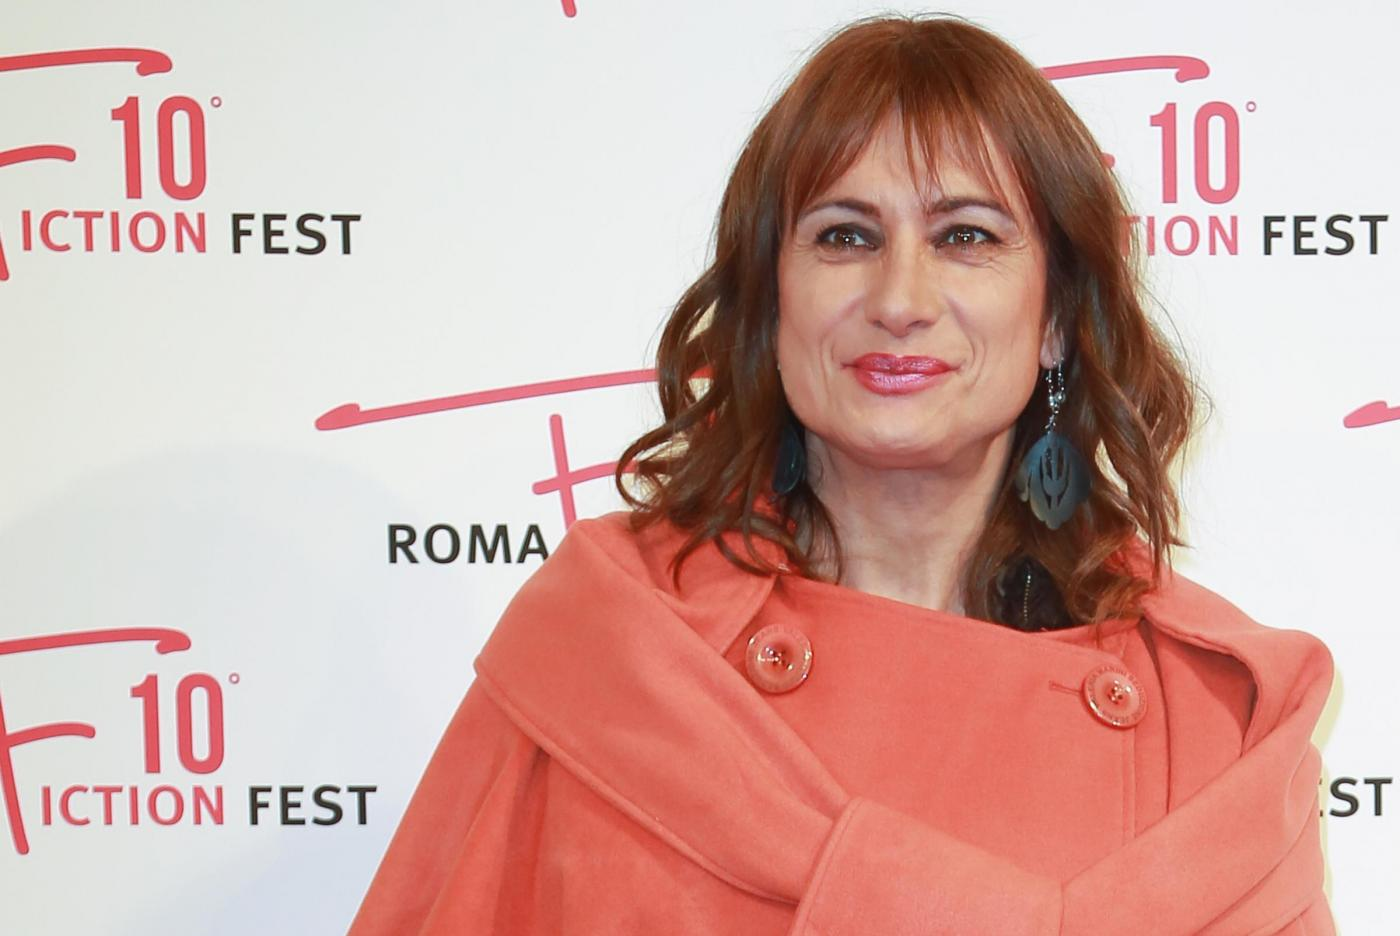 Vladimir Luxuria difende Wanna Marchi e Stefania Nobile: 'Le volevo all'Isola dei Famosi'